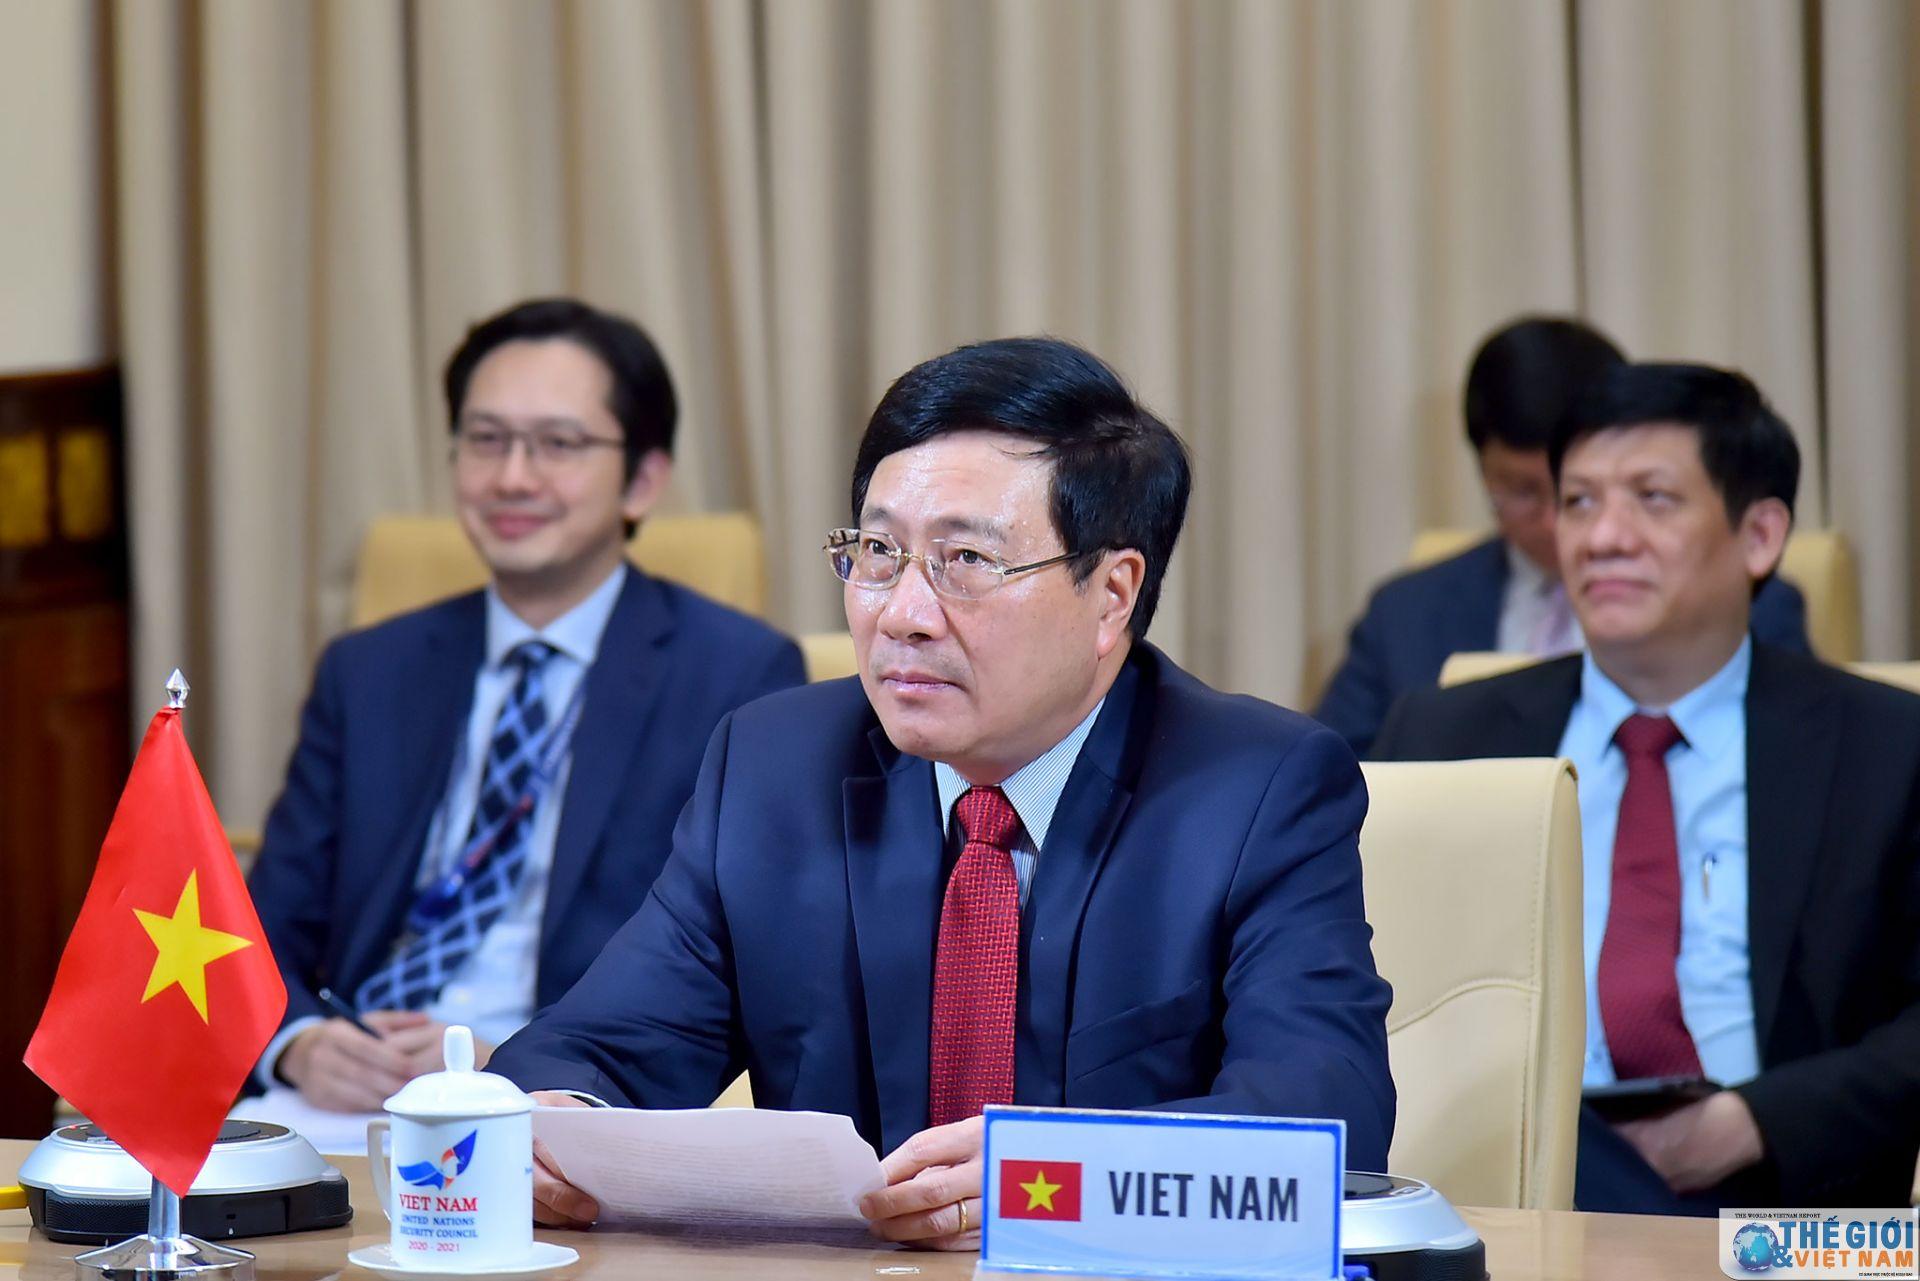 Báo Mỹ phân tích bí mật thành công của Việt Nam trong chống dịch Covid-19 - 4